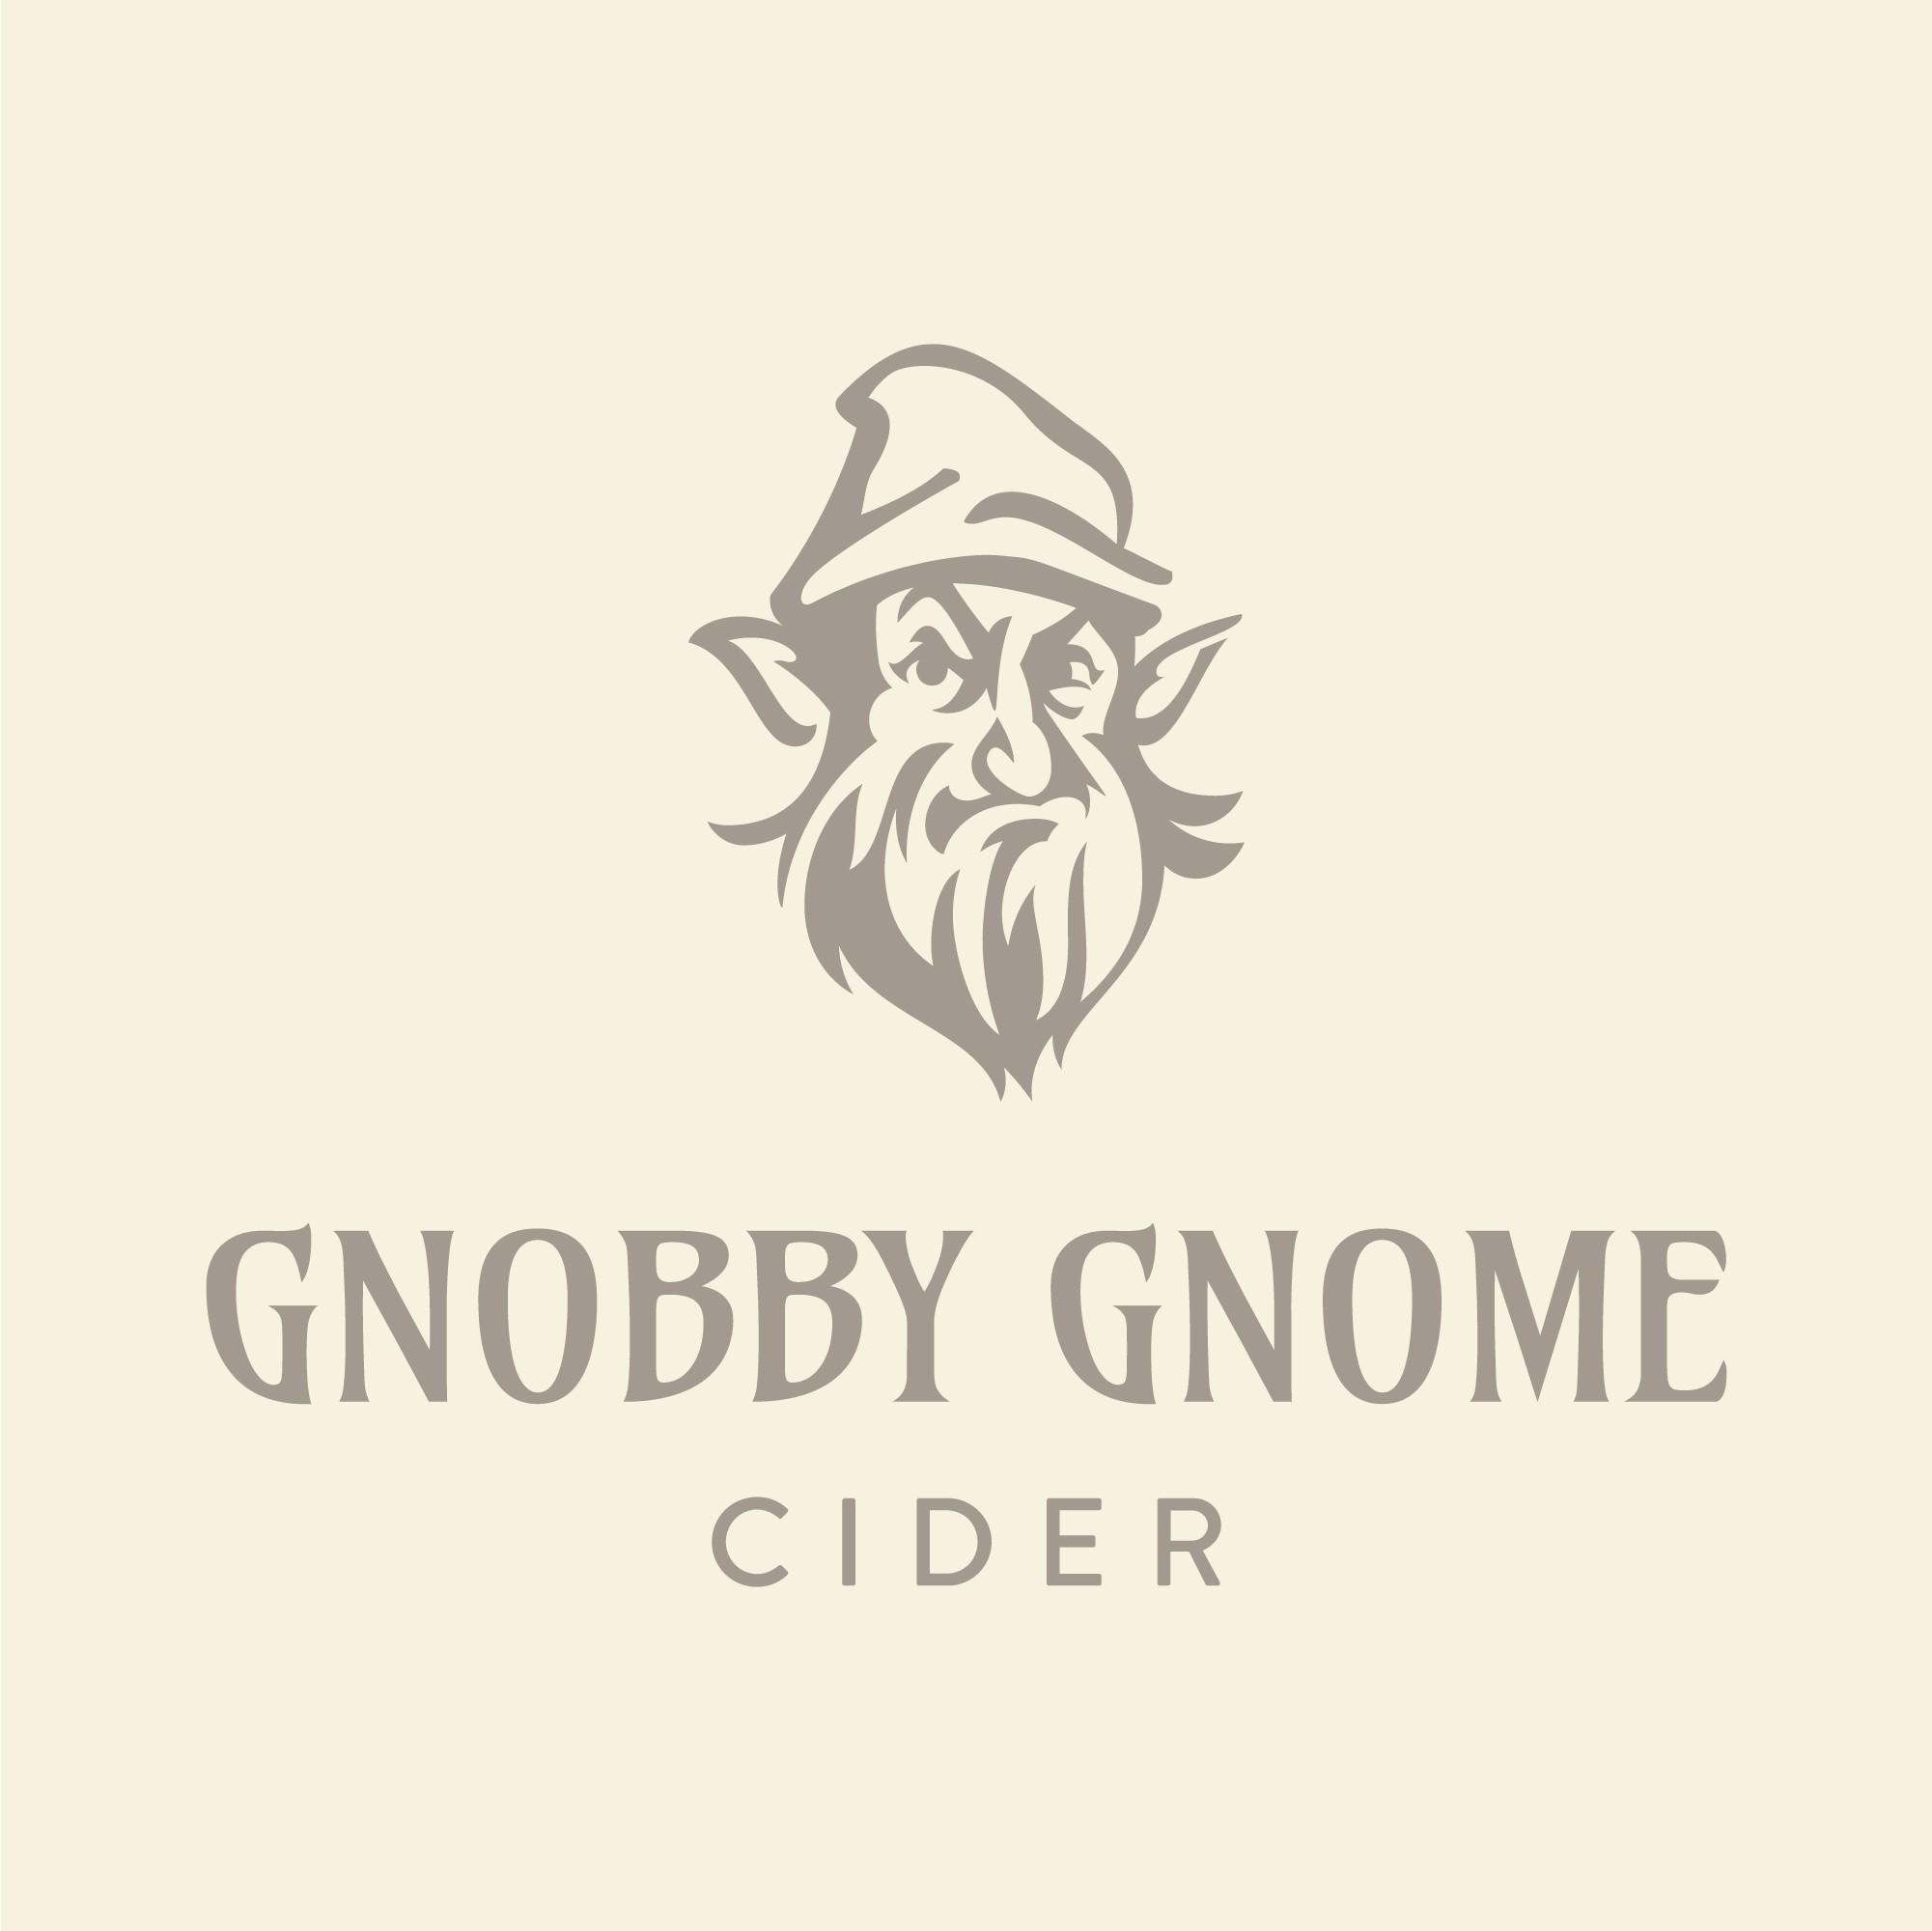 Gnobby Gnome Cider Logo